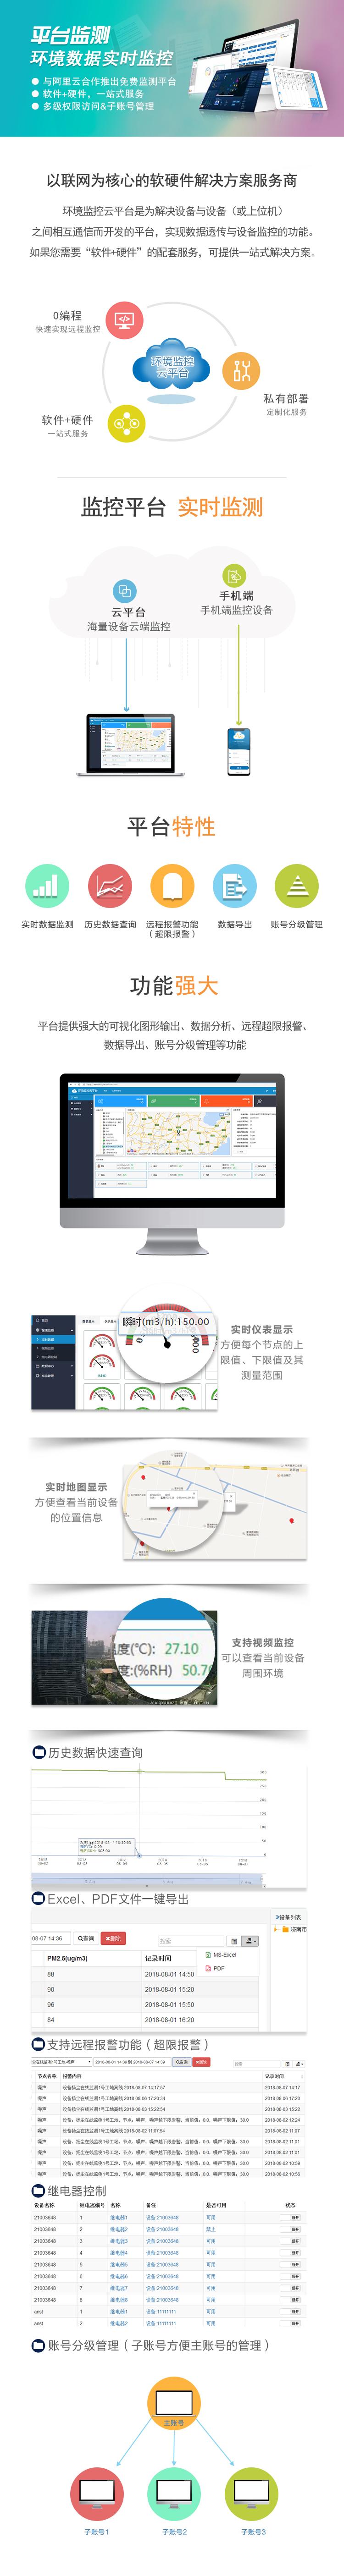 平台监测环境数据实时监控